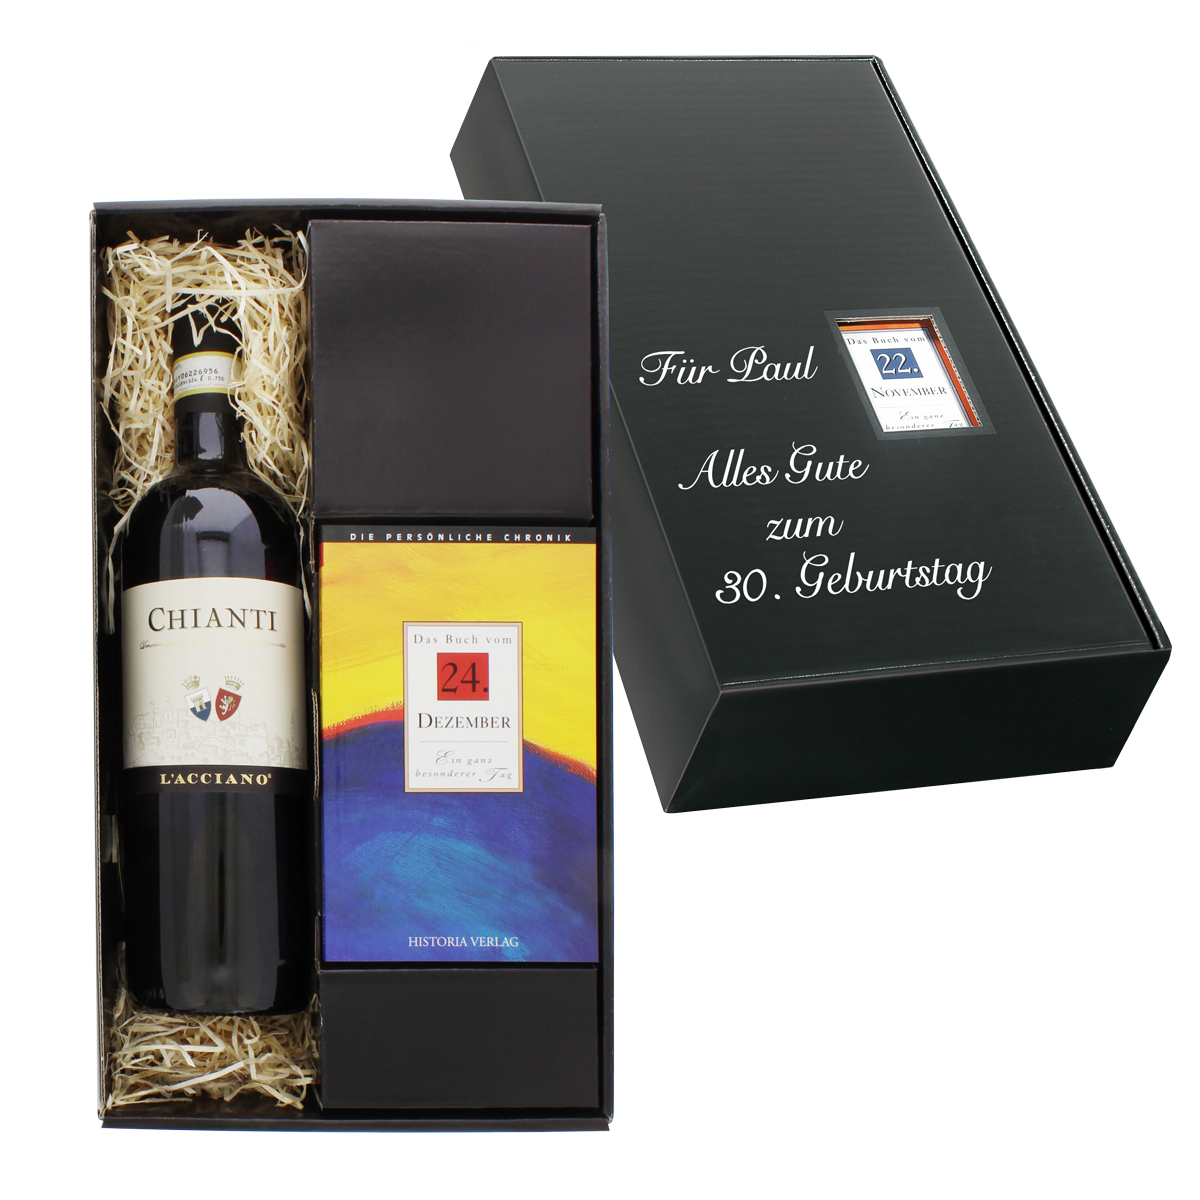 Italien-Set: Tageschronik vom 1. Oktober & Chianti-Wein